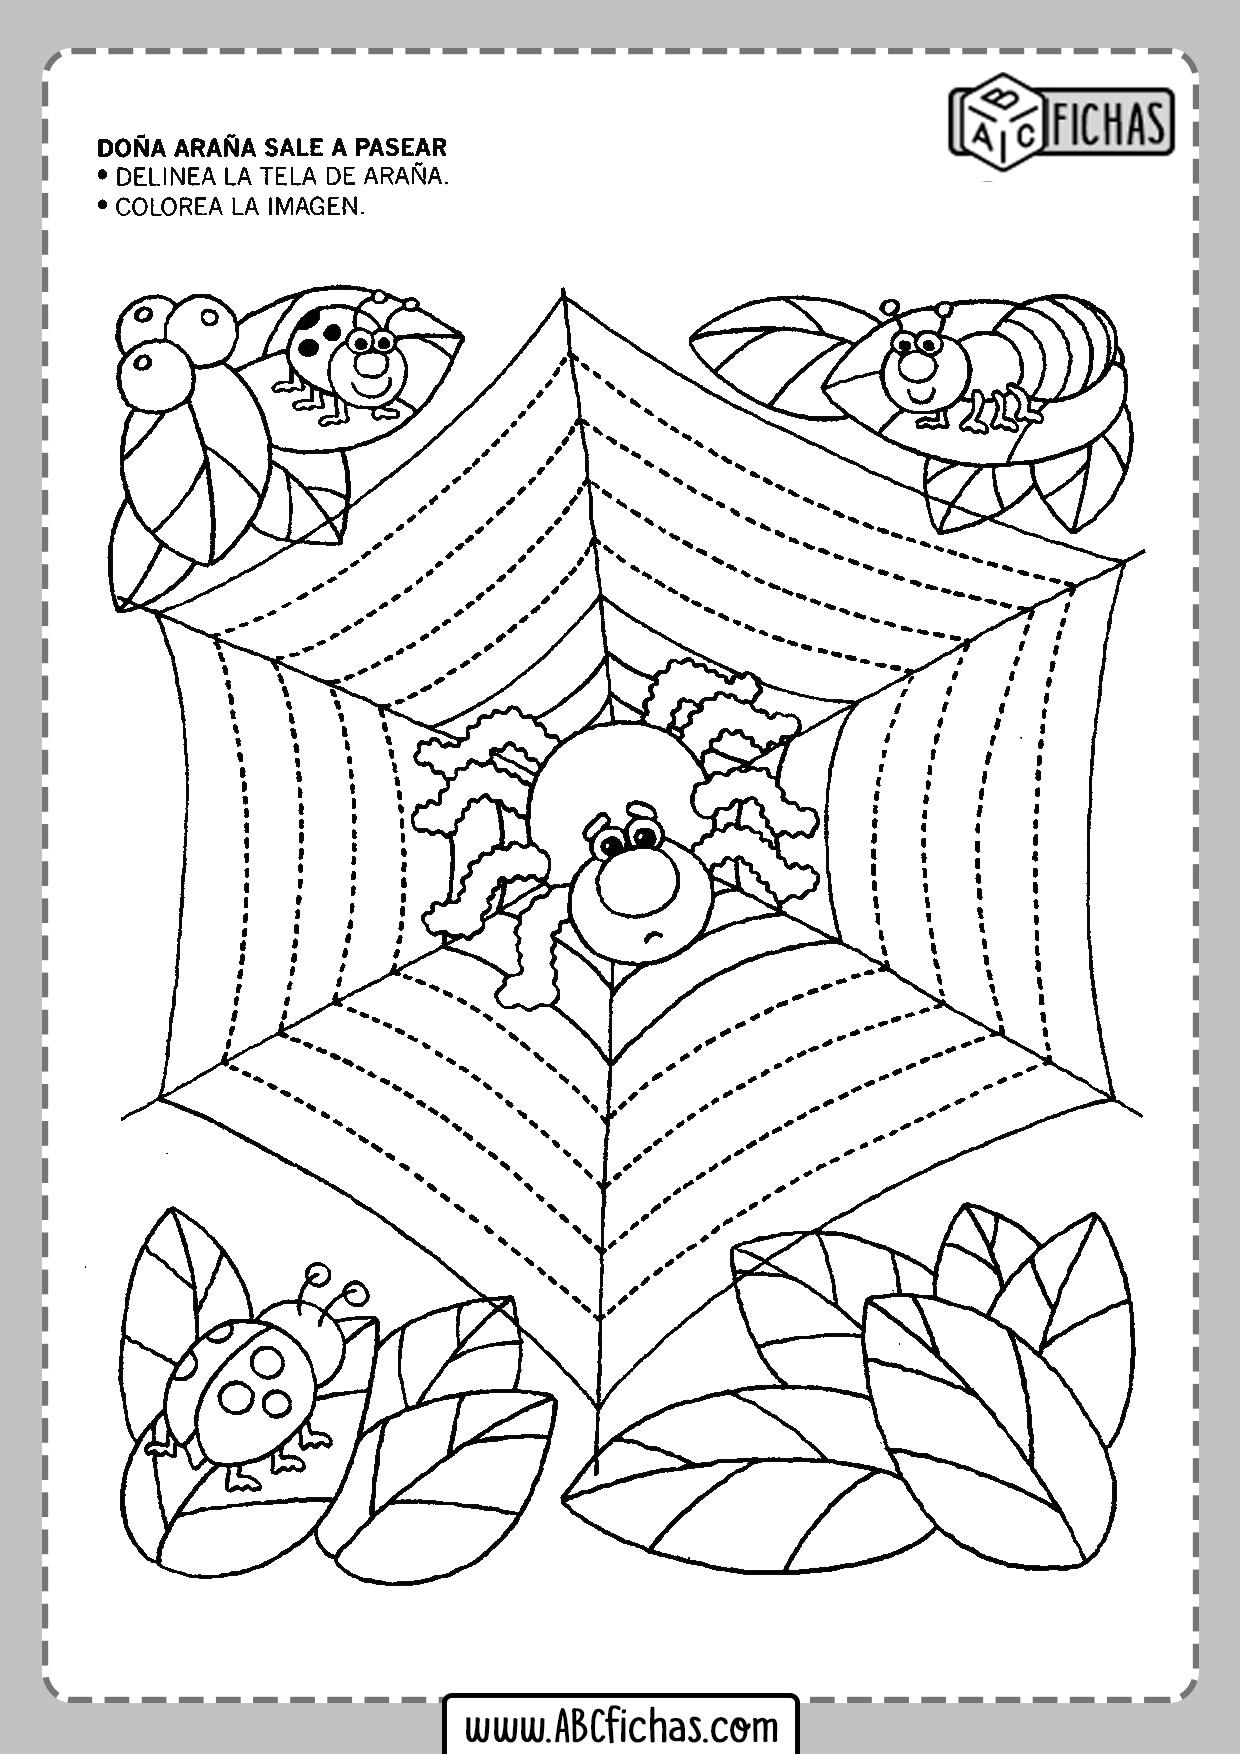 Fichas para niños de 5 años para imprimir